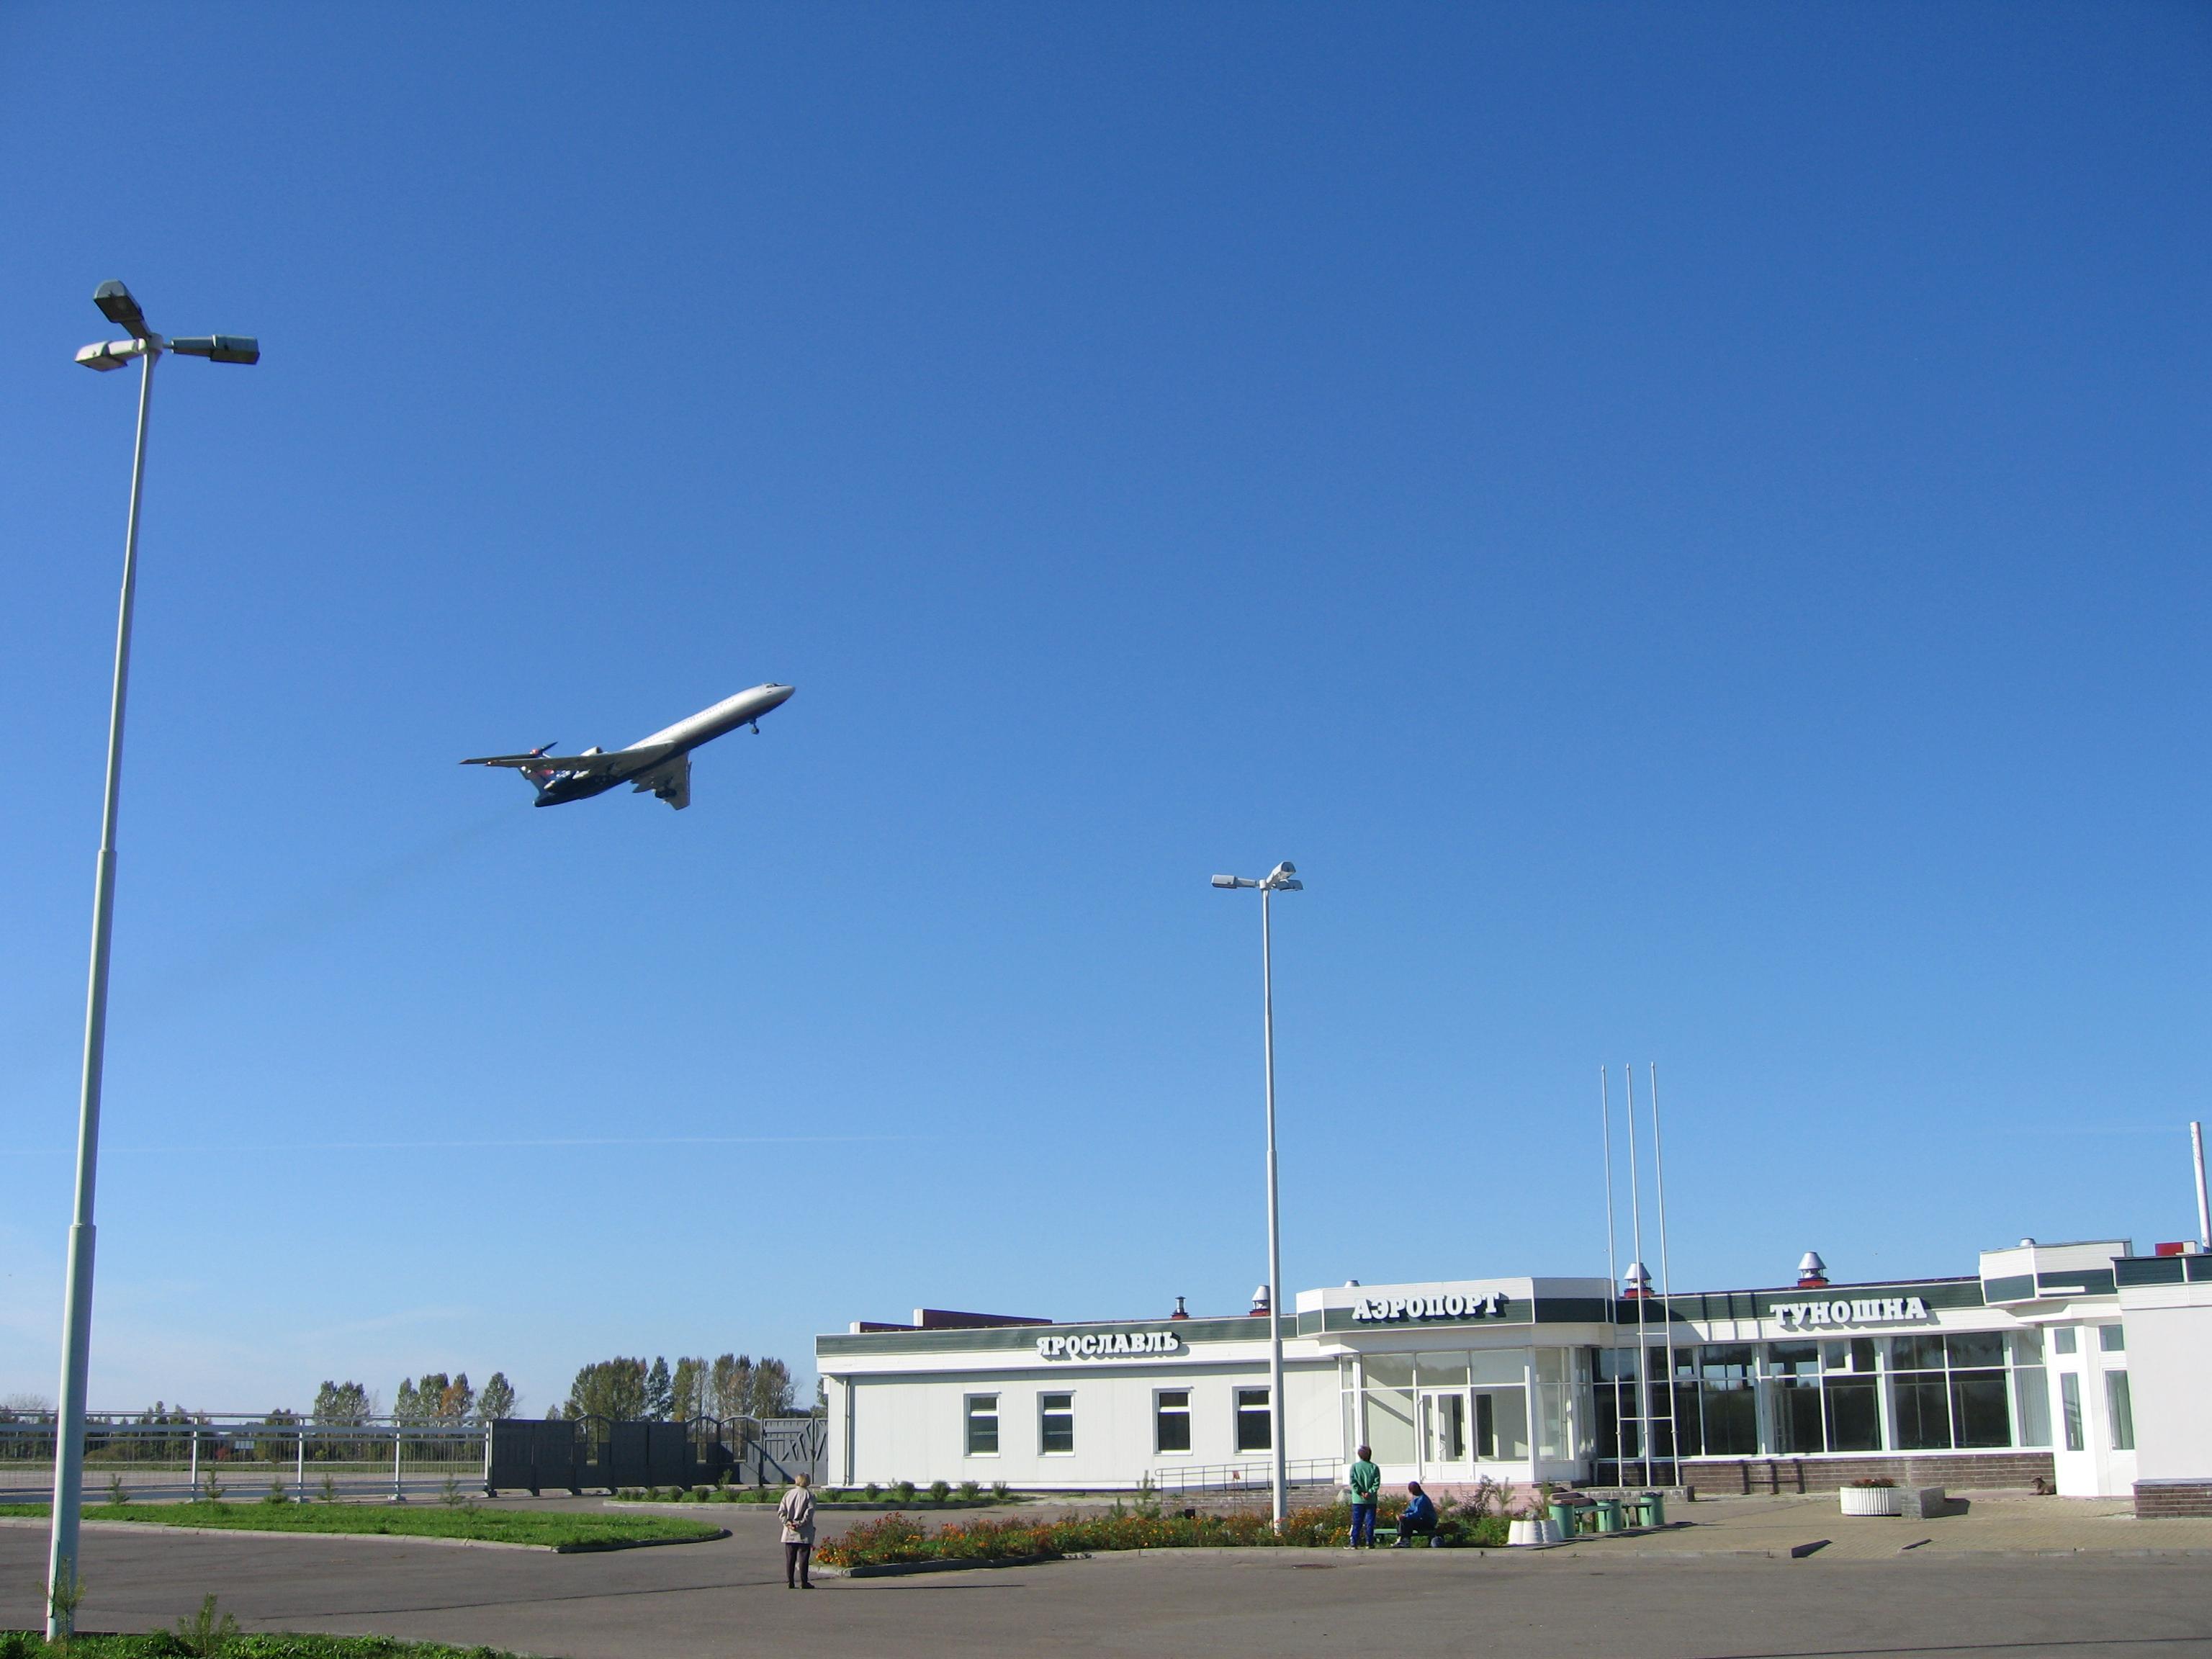 Департамент транспорта Ярославской области проводит конкурс для выбора авиаперевозчика до Сочи